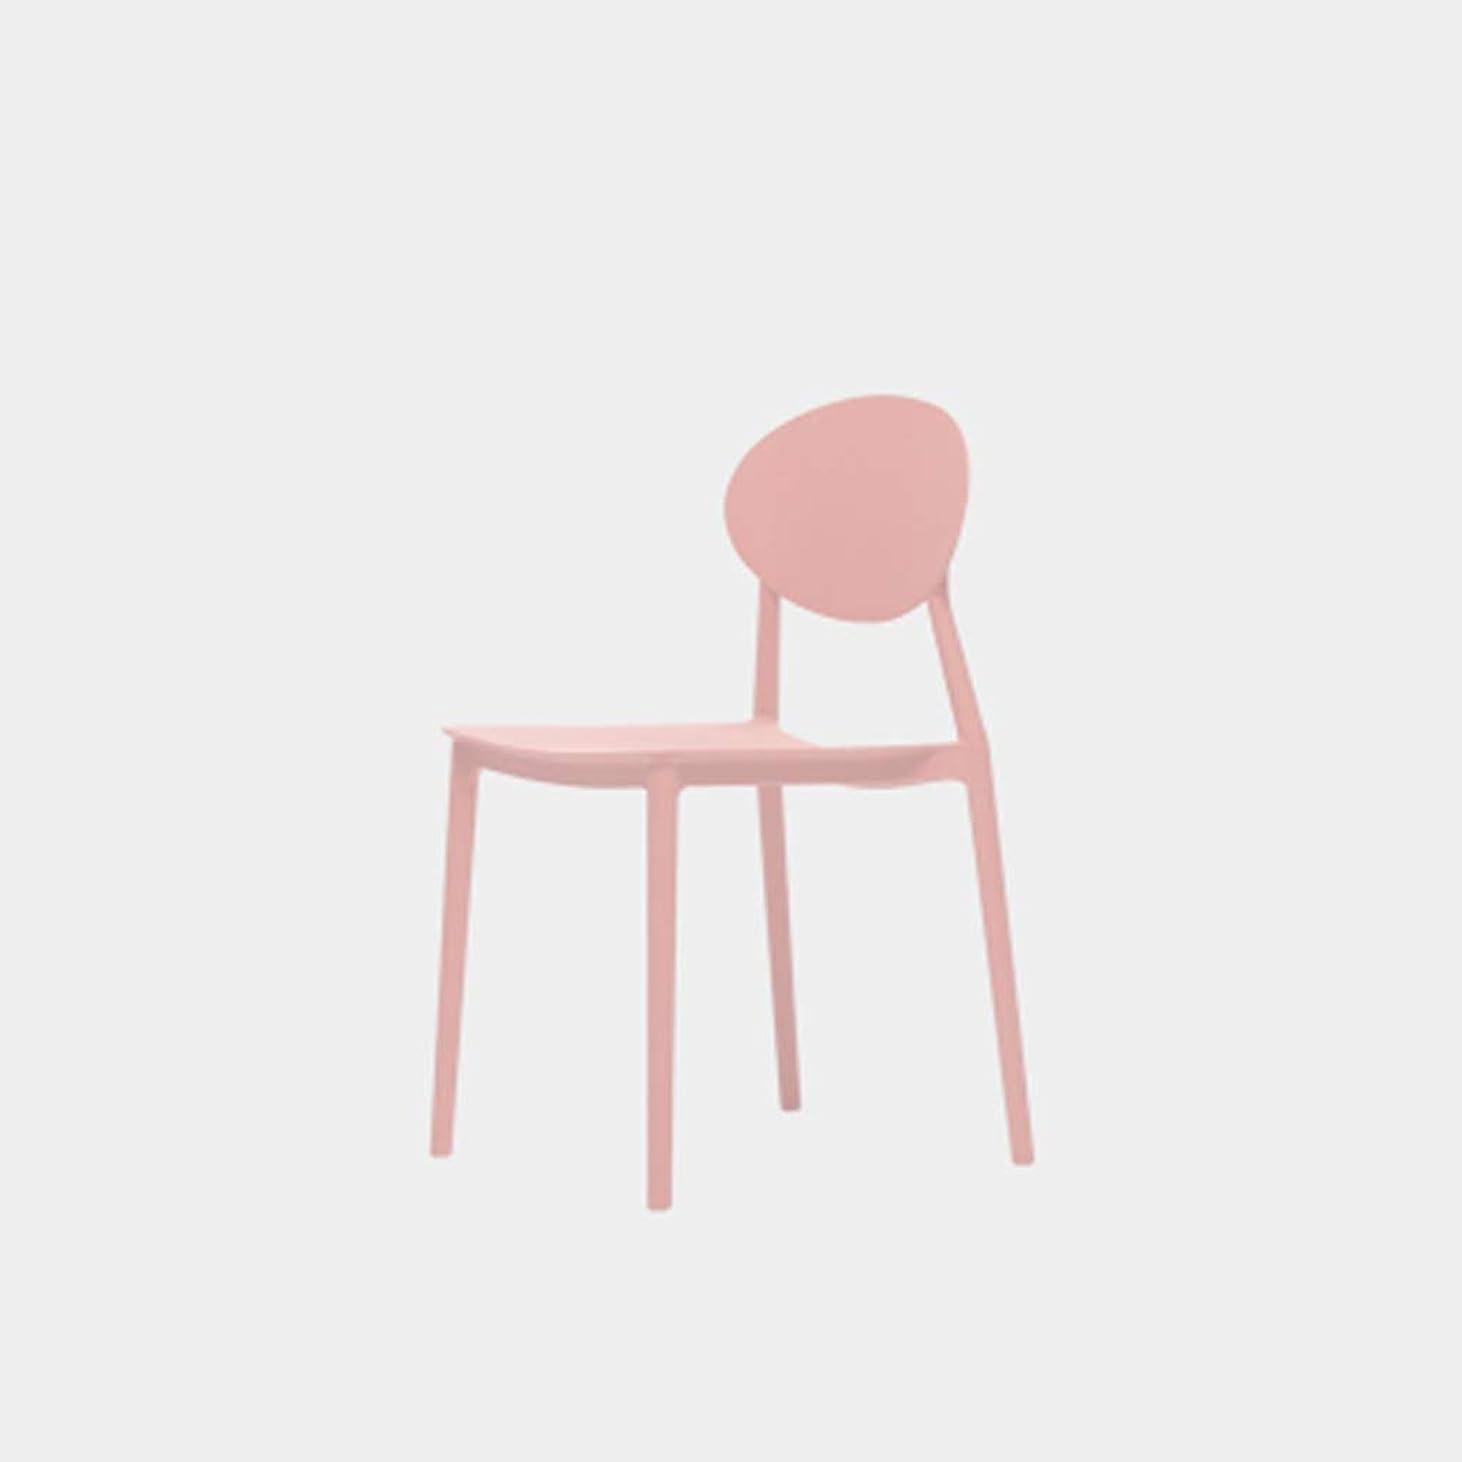 酒古風な繊維XINGPING-Furniture ノルディック?マカロン椅子現代ミニマリスト?クリエイティブ?パーソナリティ背もたれダイニングチェアカジュアル?コーヒープラスチック製の椅子 (色 : ピンク)